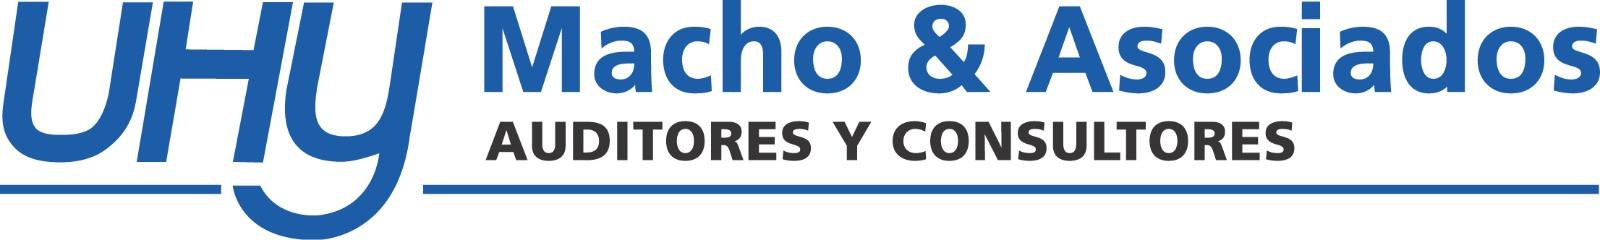 UHY Macho & Asociados Auditores y Consultores